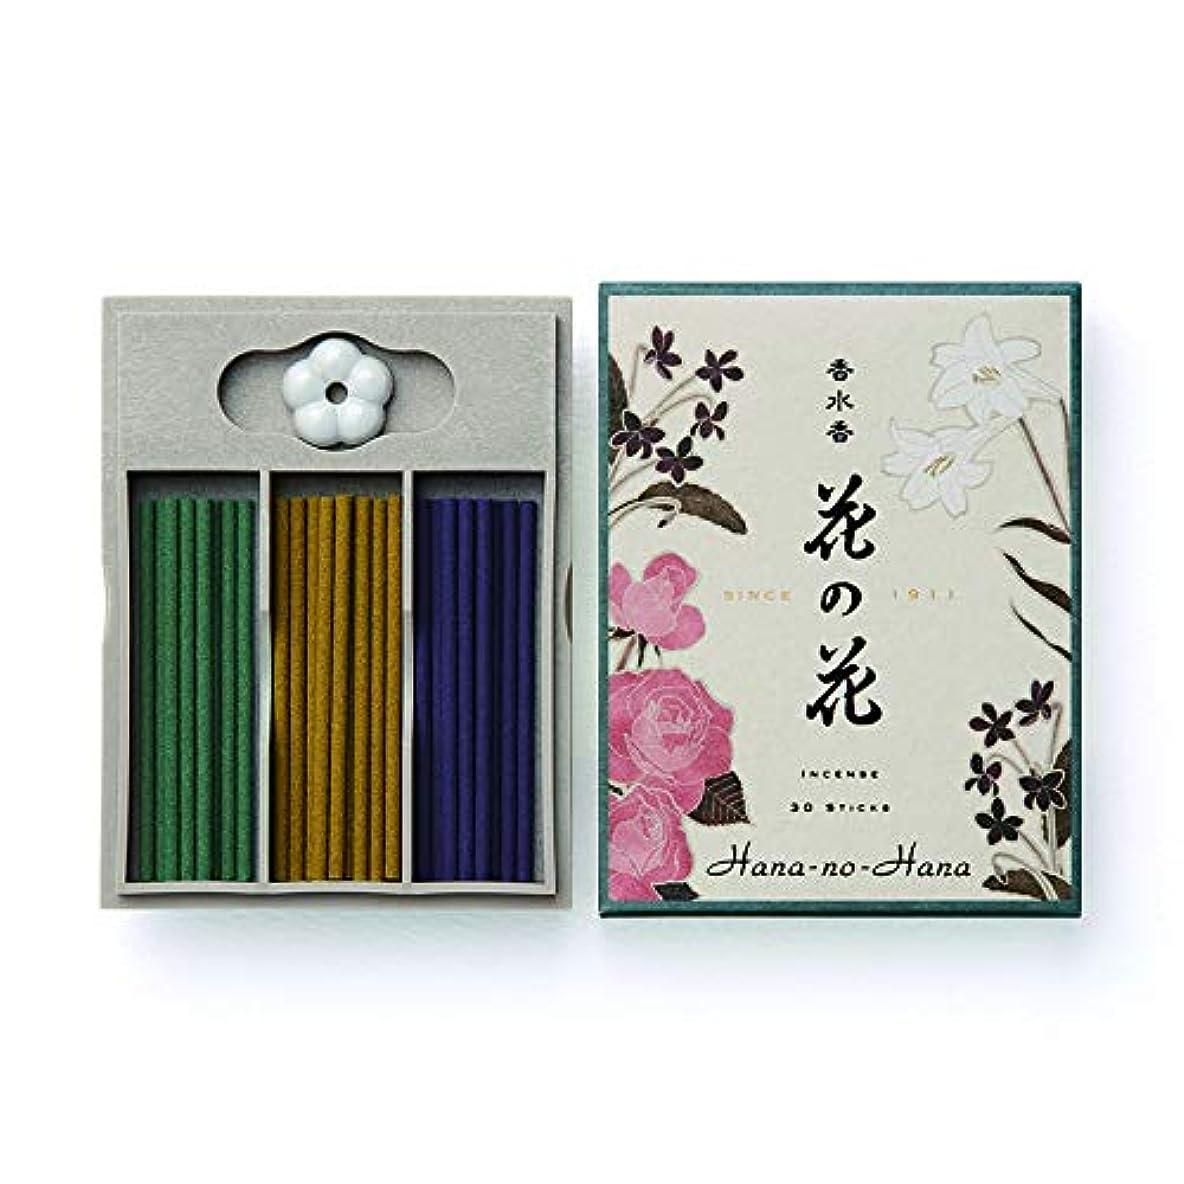 キャンペーントリプル混乱させるお香 香水香花の花 3種入 S30本入(30001)